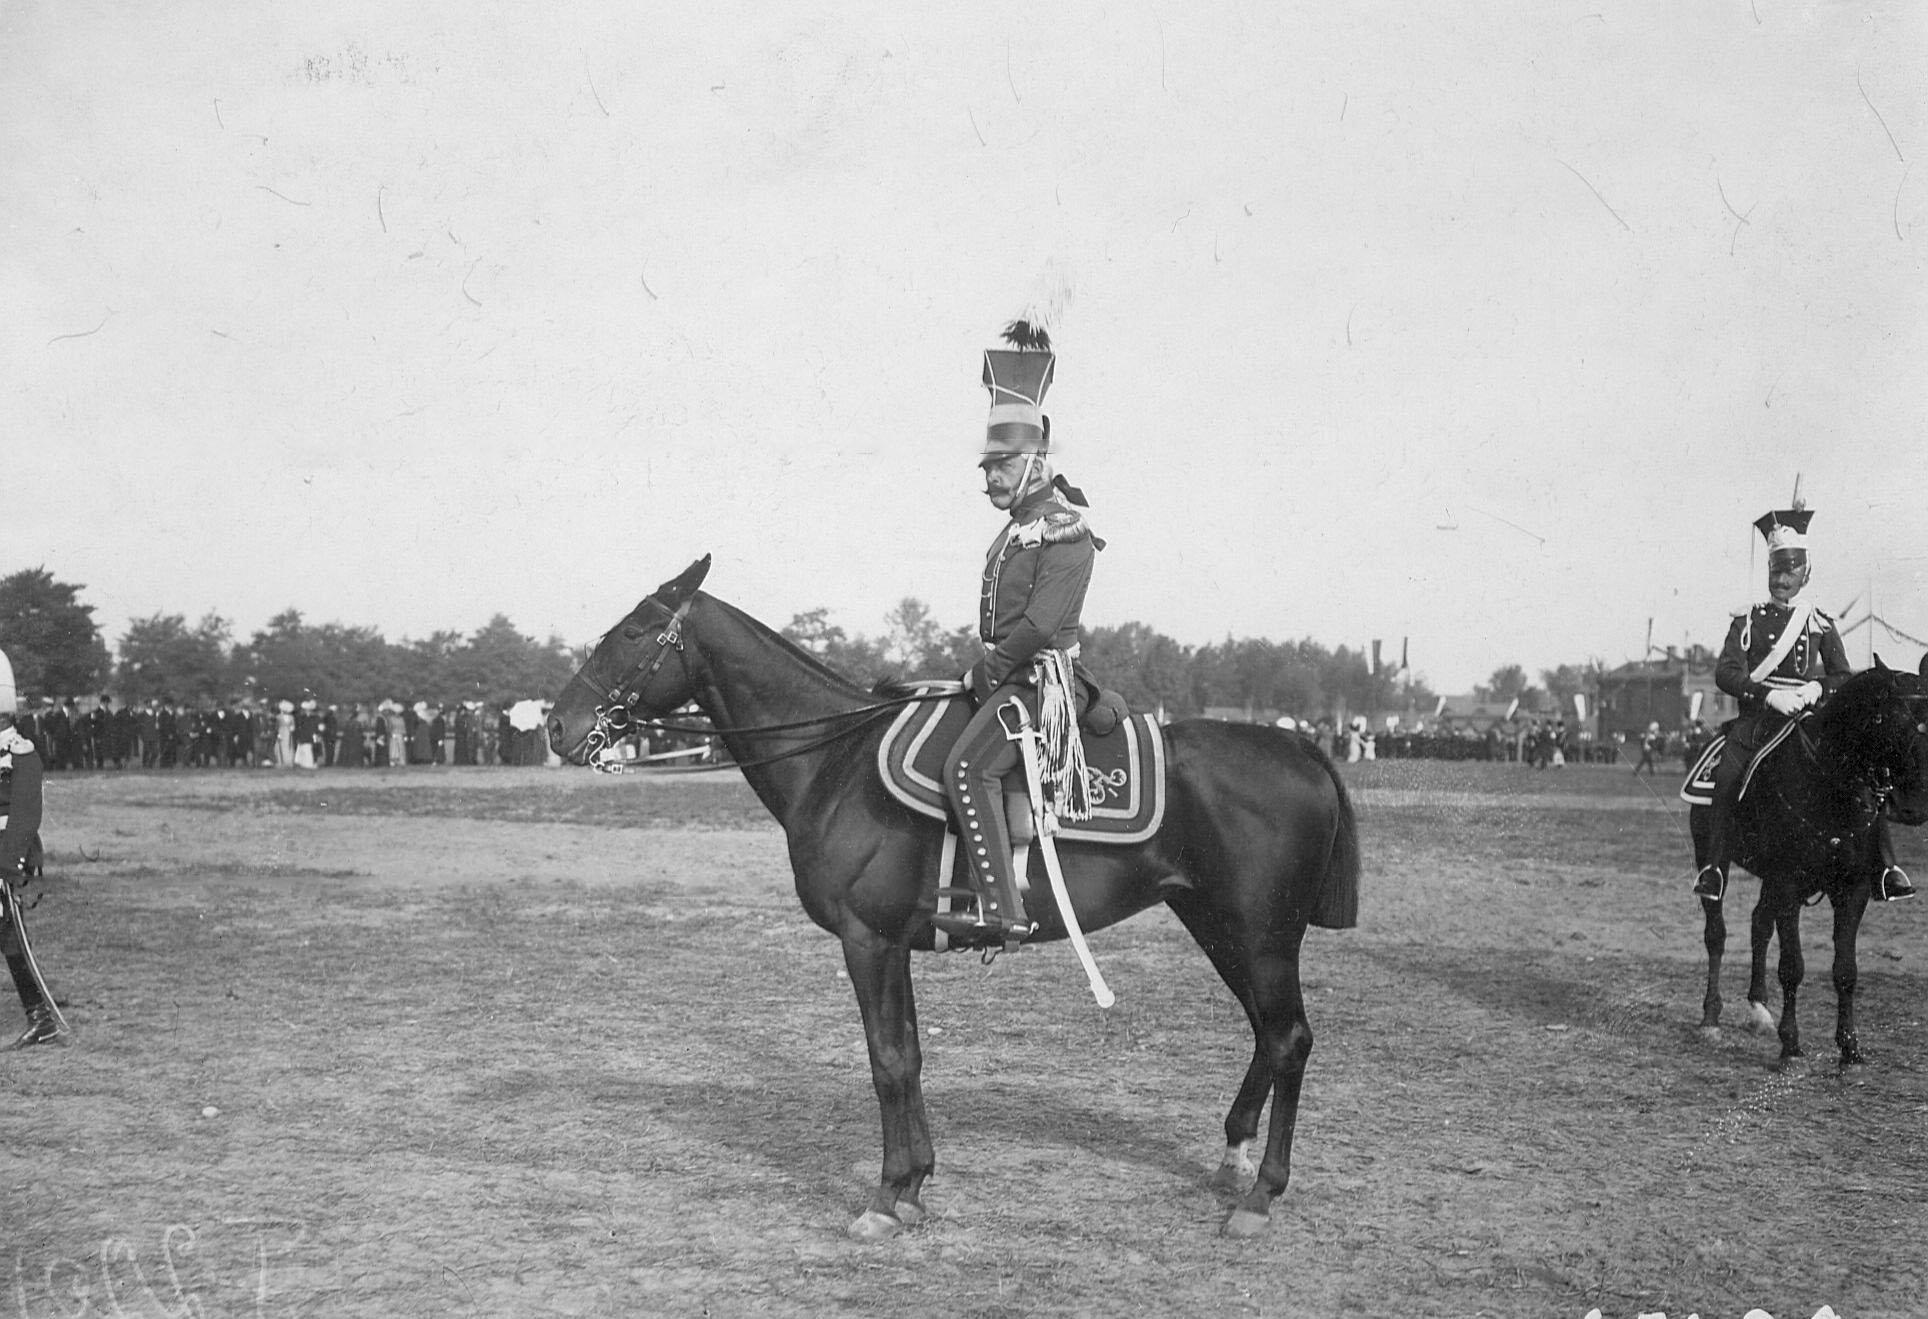 Конные уланы в своих исторических формах времен правления Александра I и Николая I в день празднования 250-летнего юбилея полка